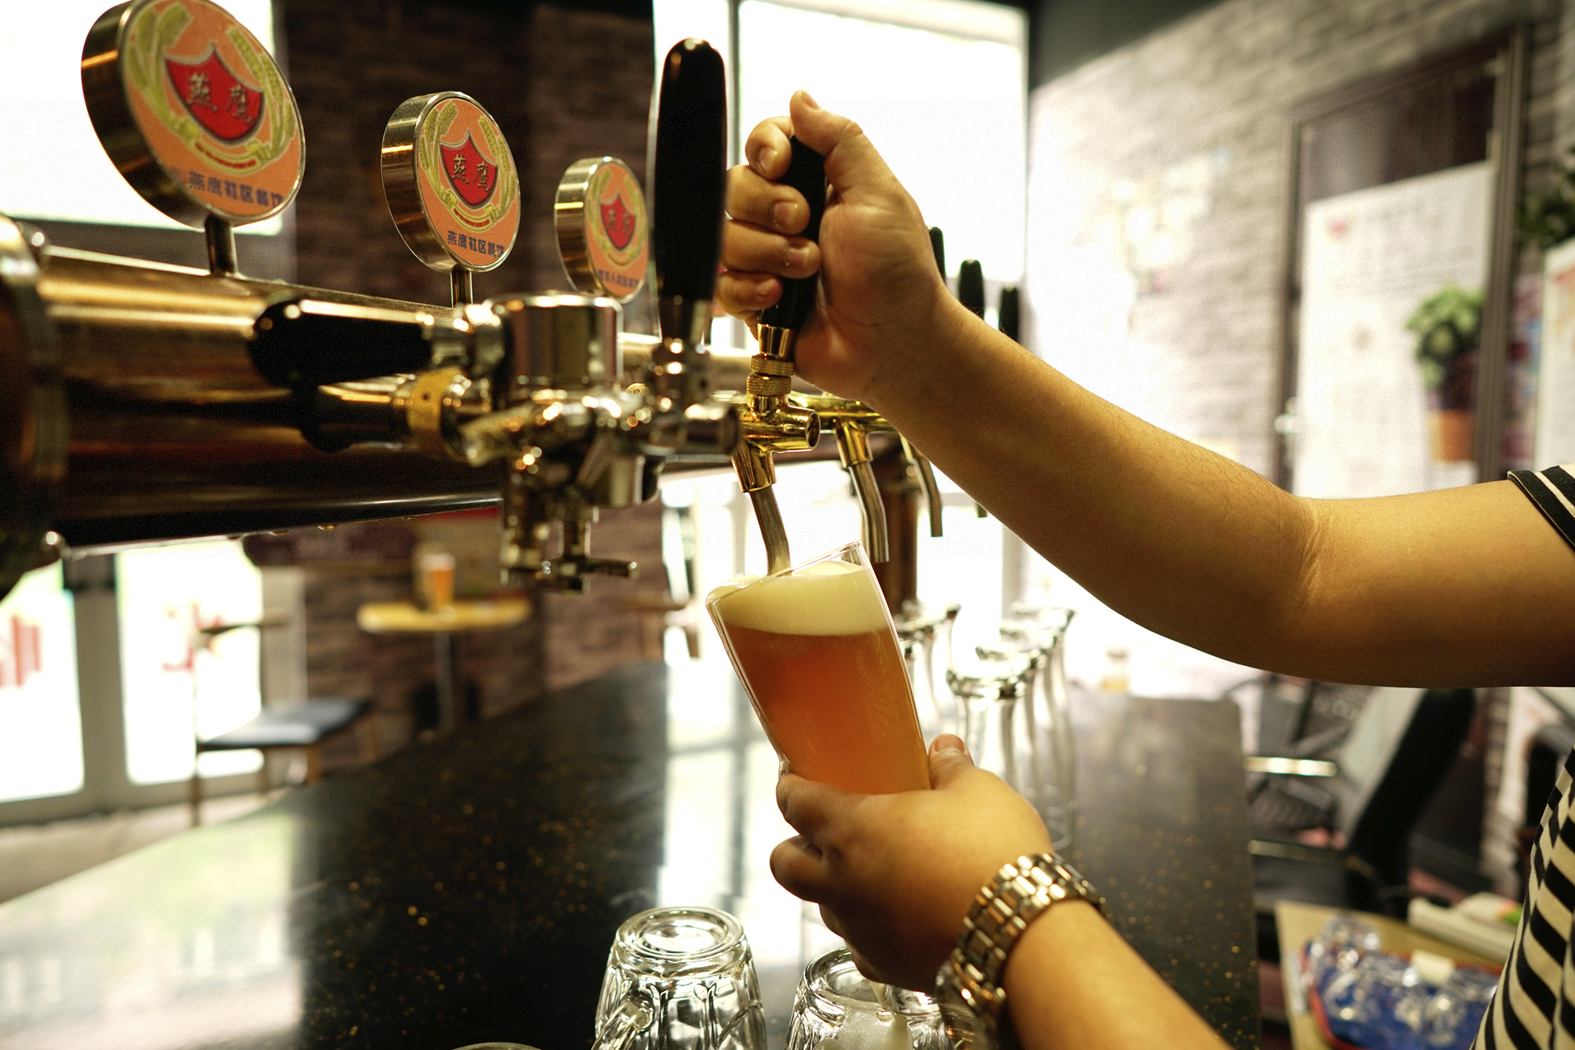 燕鹰社区啤酒工厂